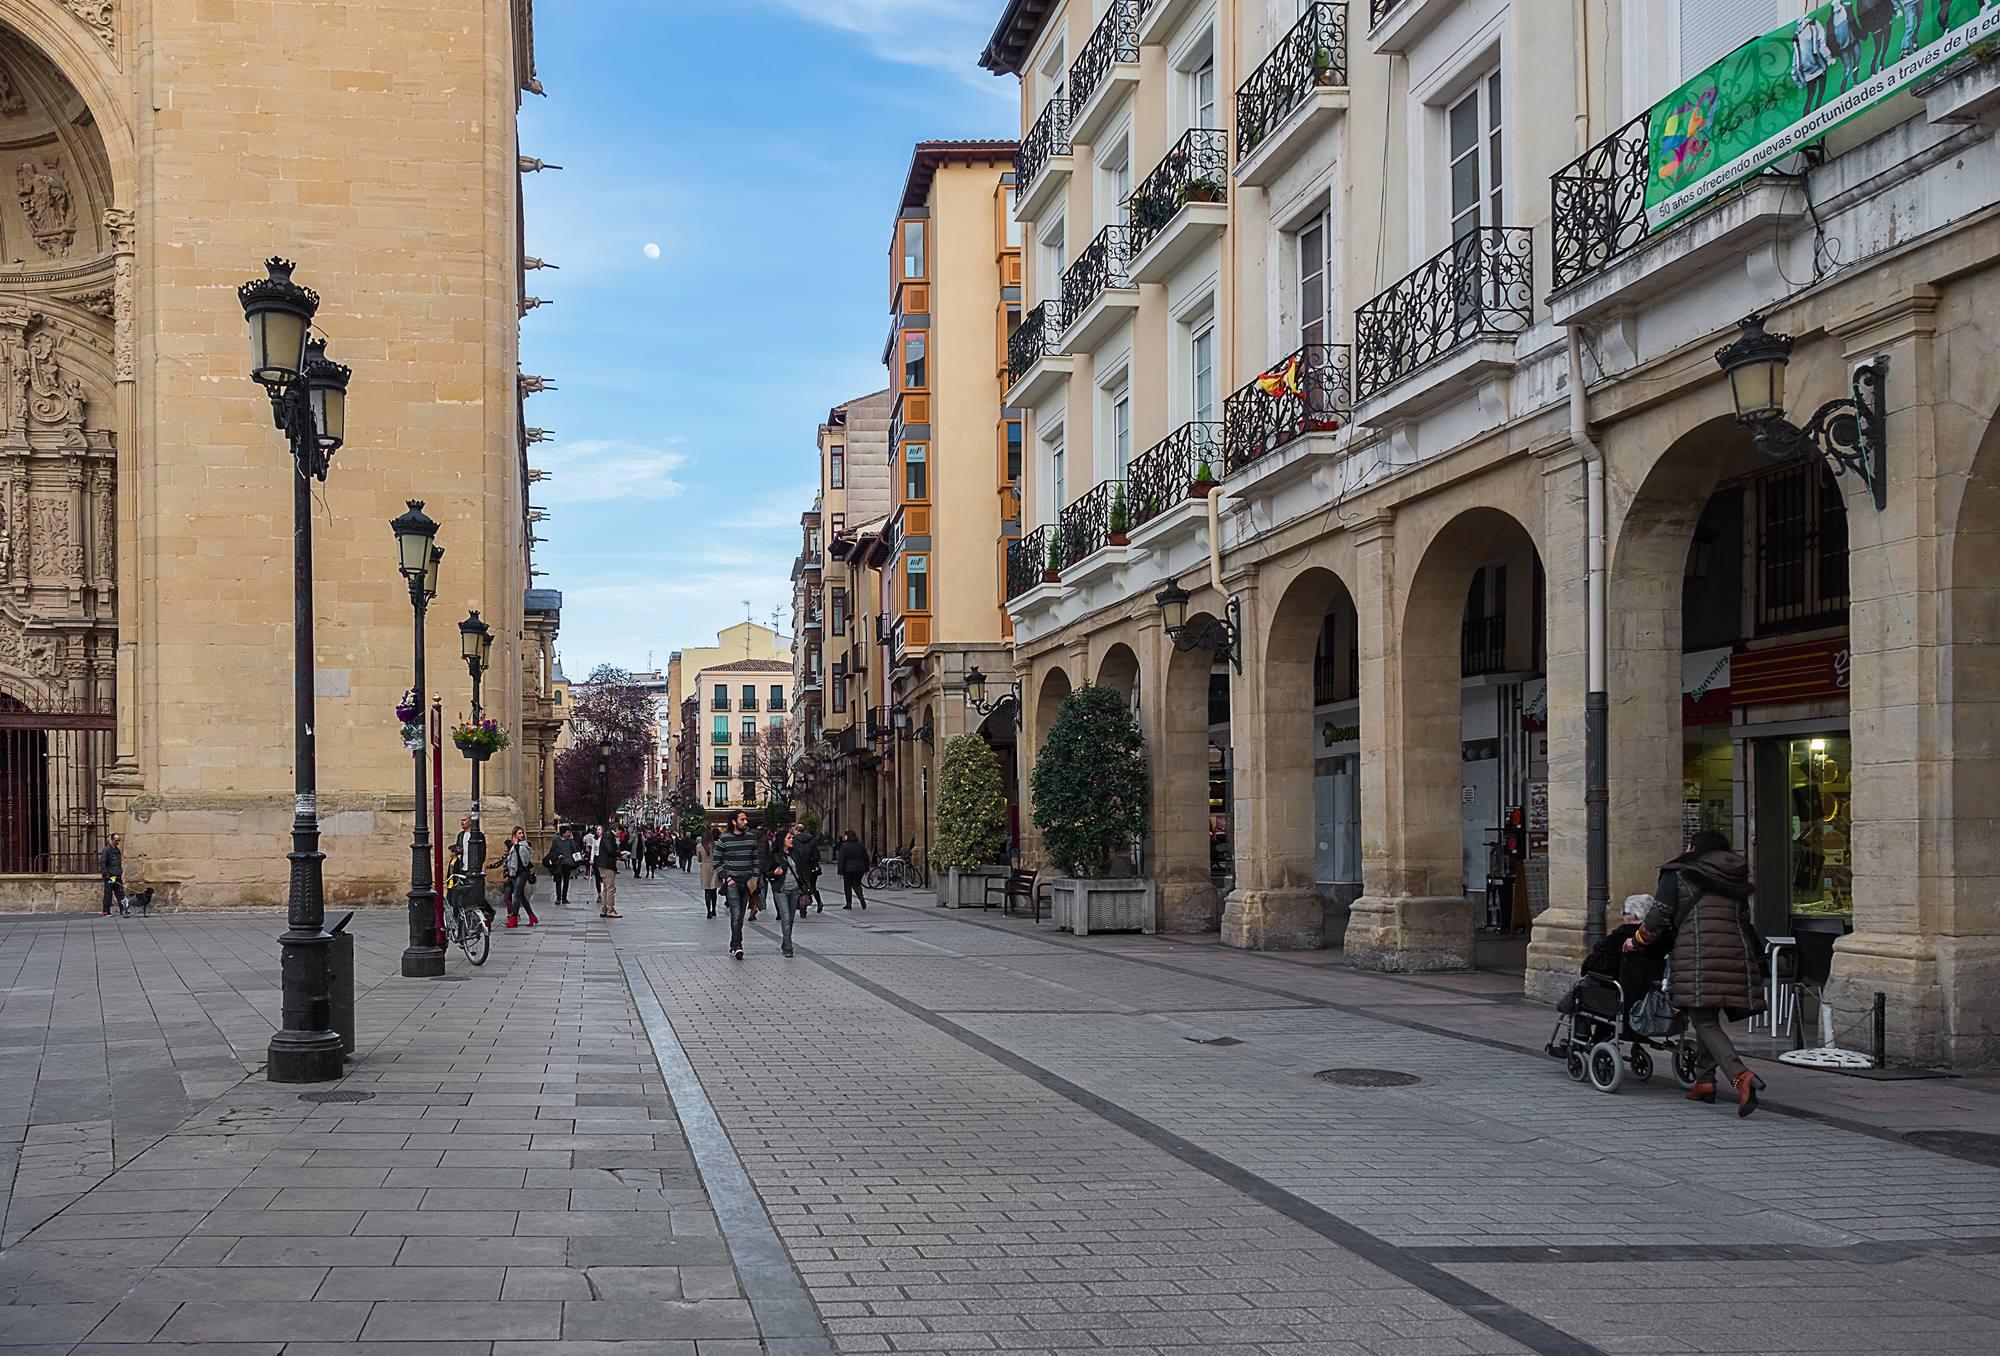 Los míticos portales albergan multitud de bares y dan nombre a la avenida. Foto: Shutterstock